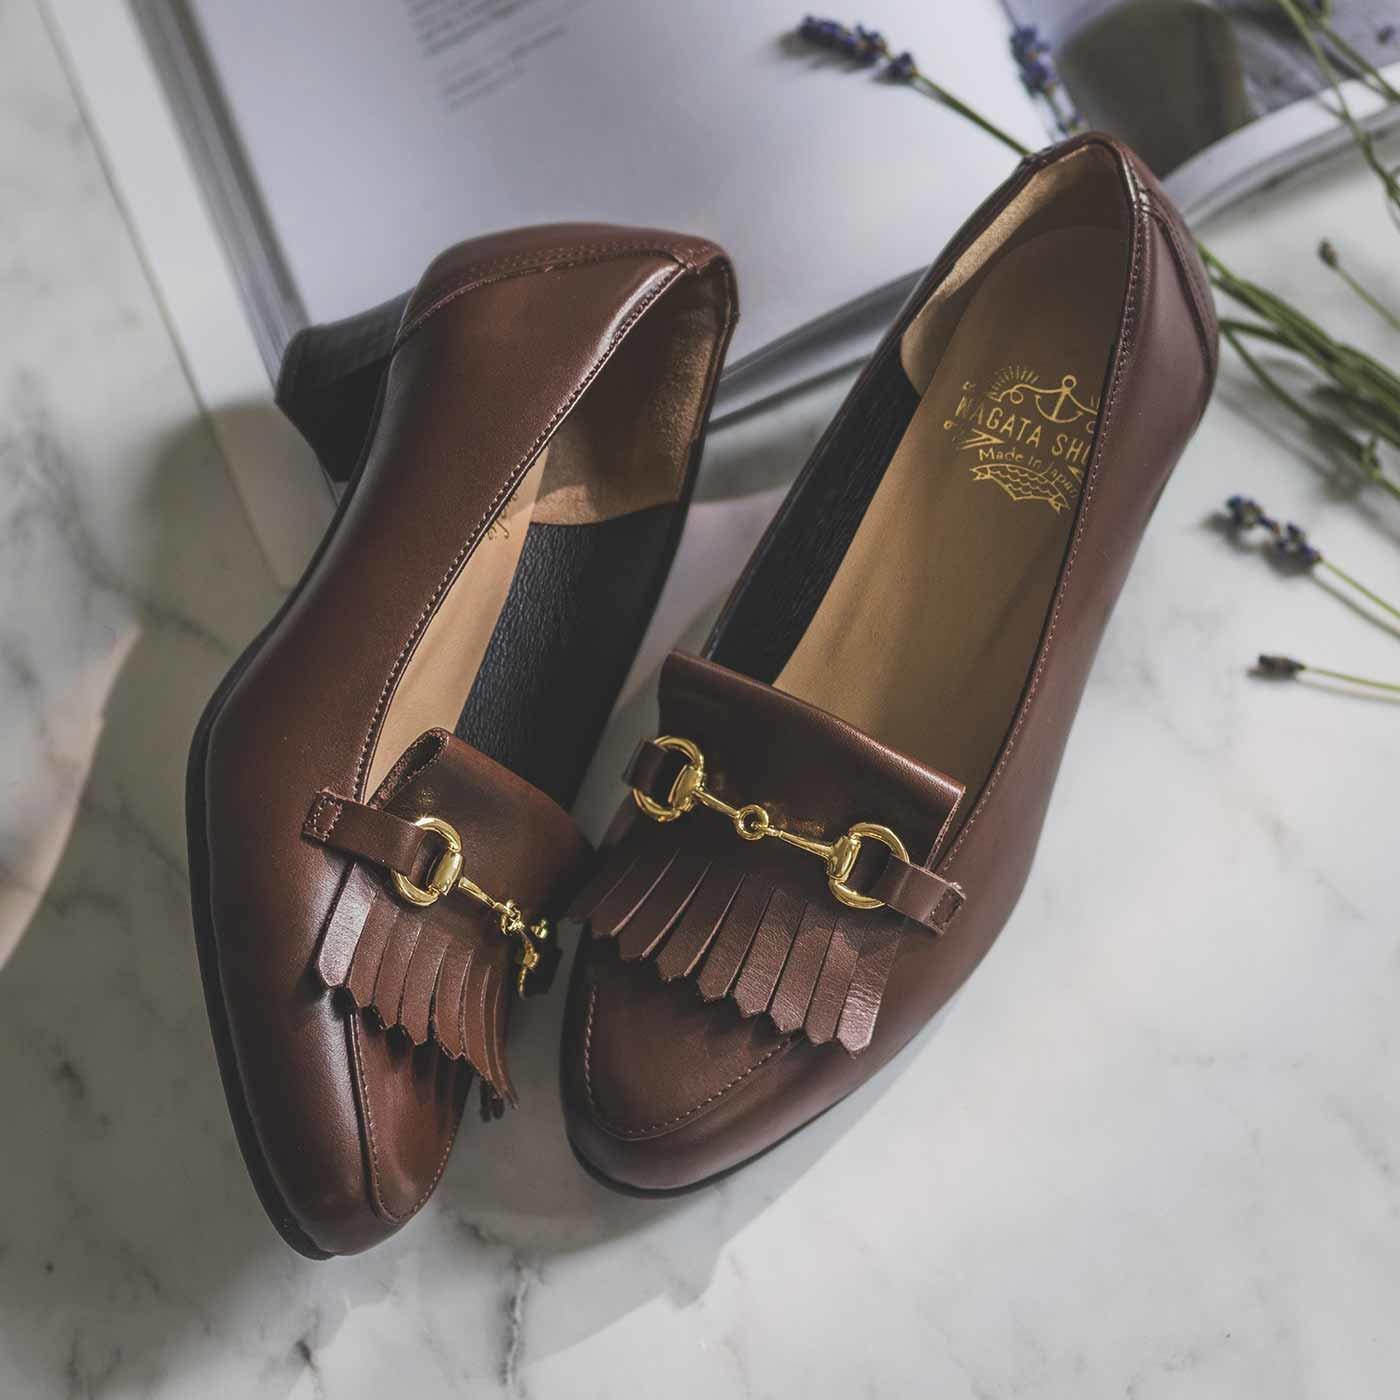 長田靴職人の本革仕立て 美脚ビットローファー〈ルビーウッド茶色〉[本革 ローファー:日本製]